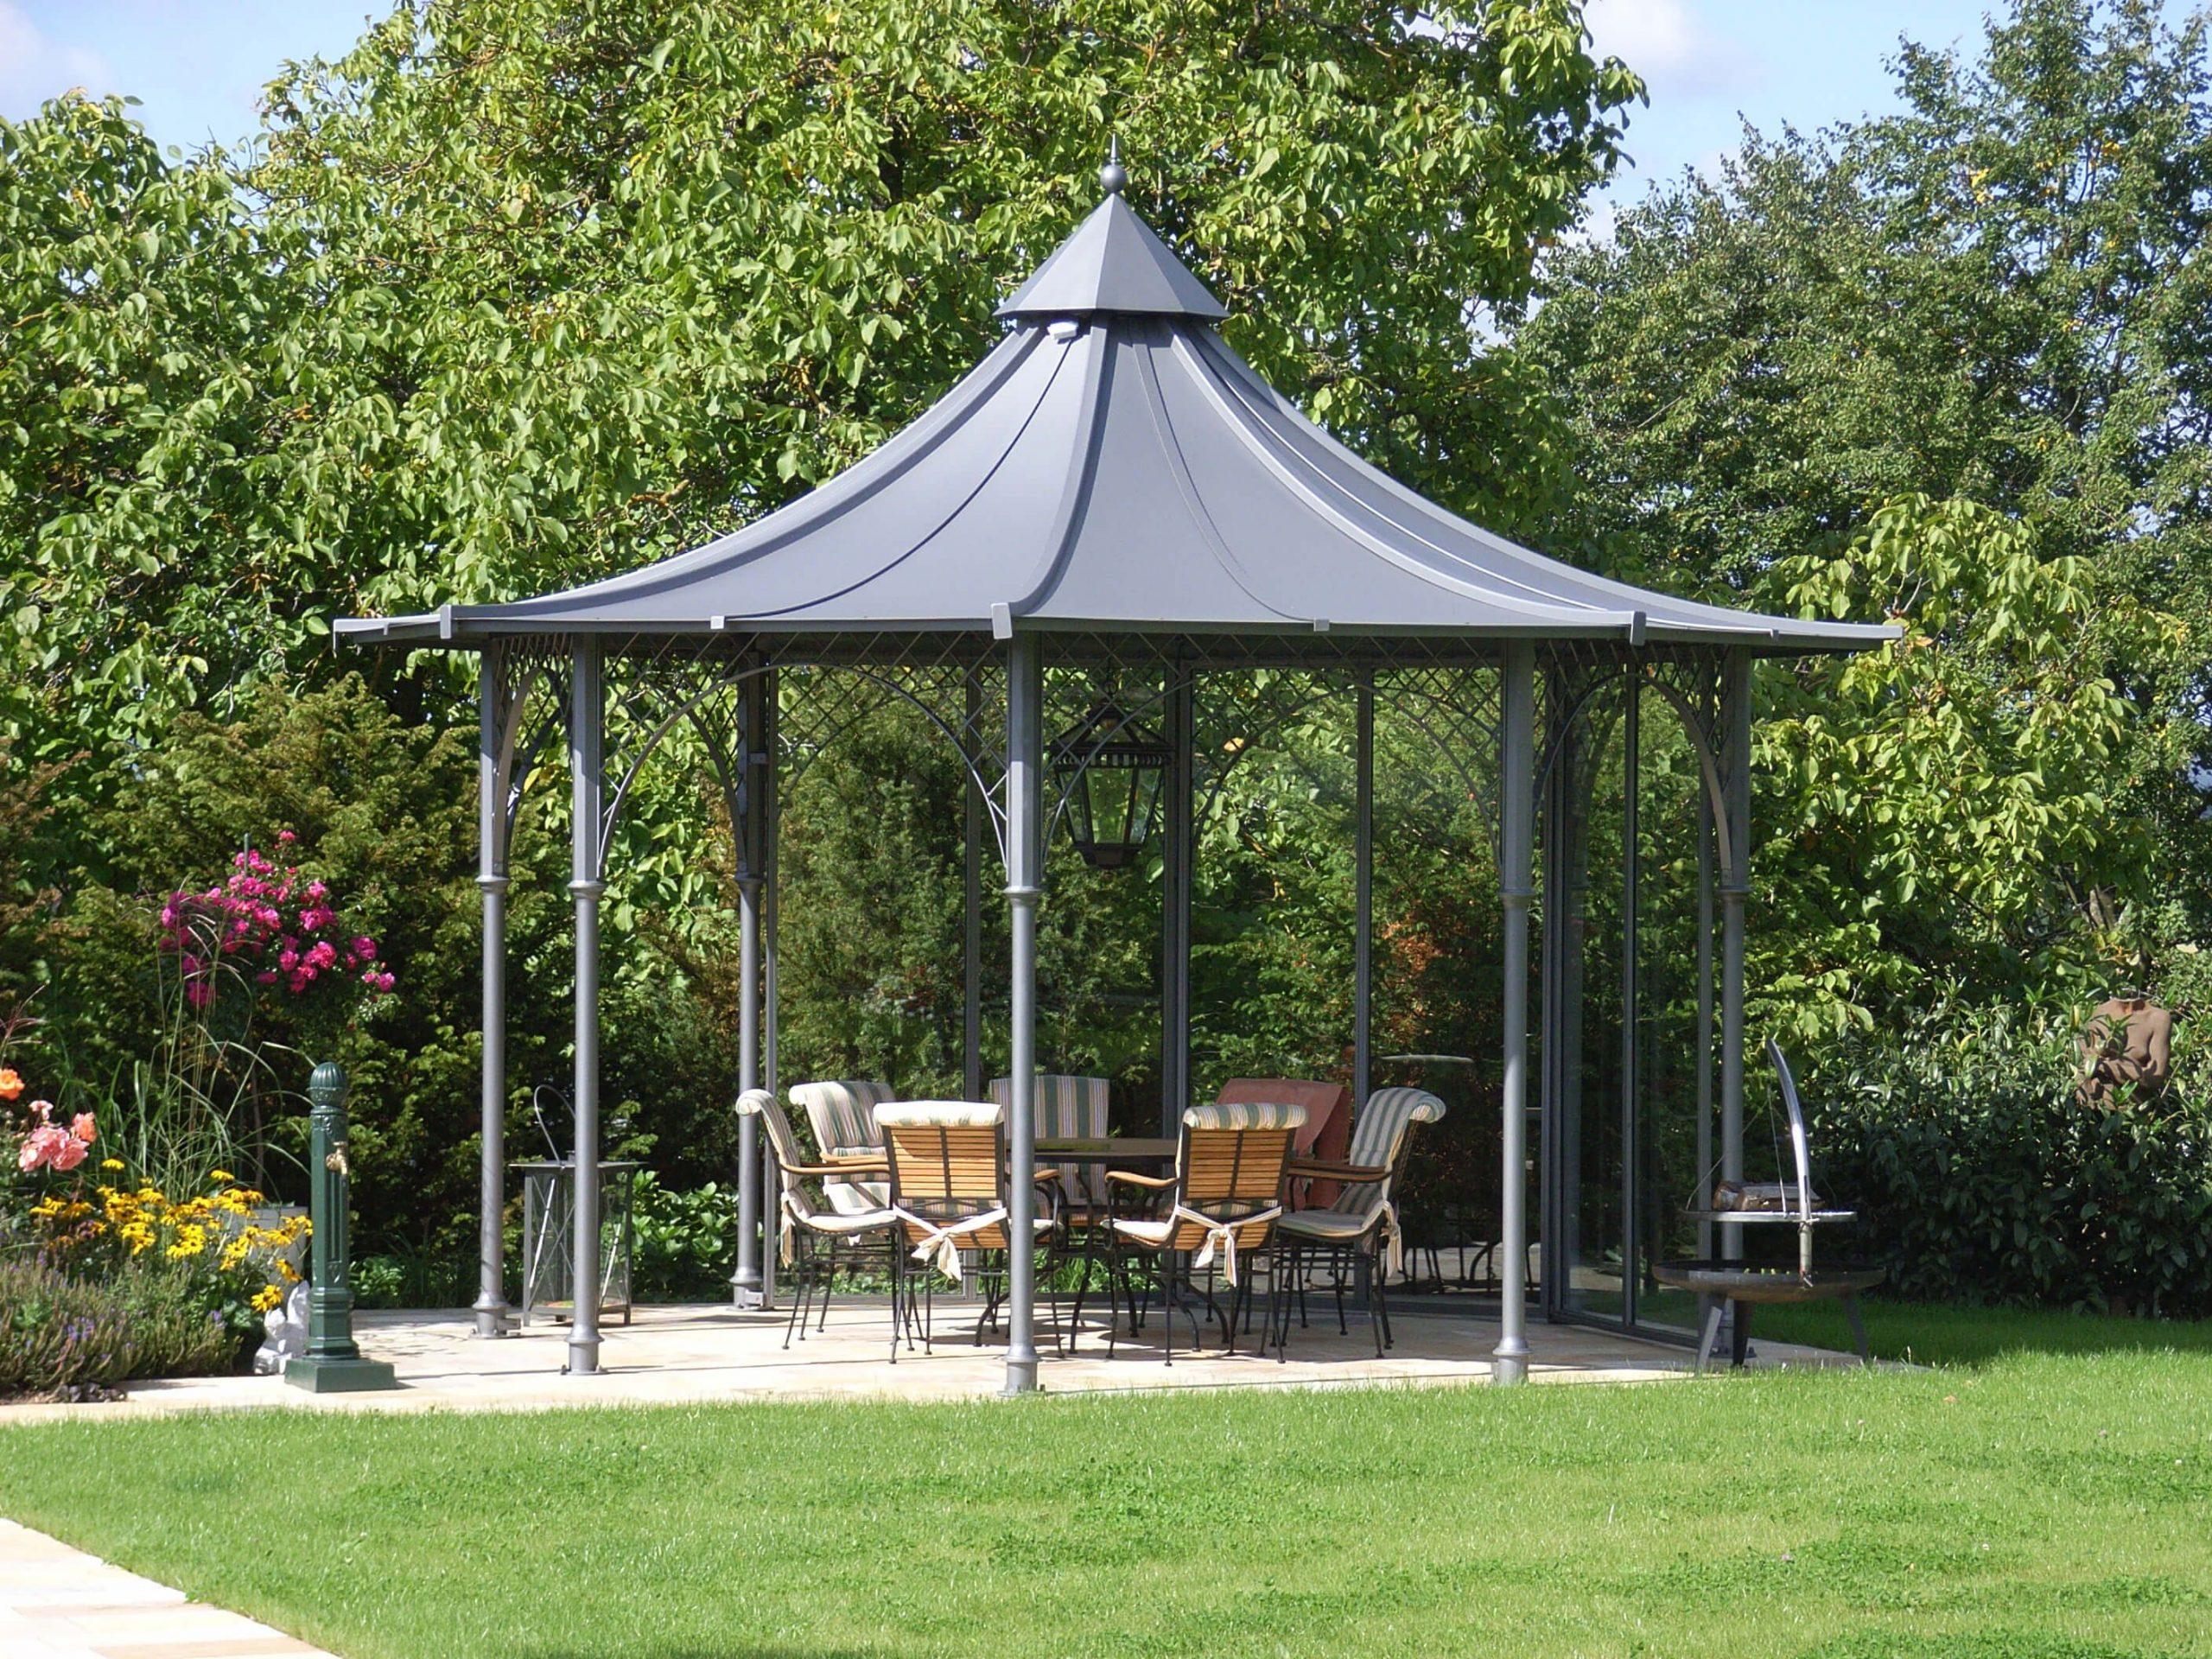 Full Size of Gartenpavillon Metall Aus Mit Dach Von Matt Pavillons Pavillon Regal Bett Weiß Regale Wohnzimmer Gartenpavillon Metall